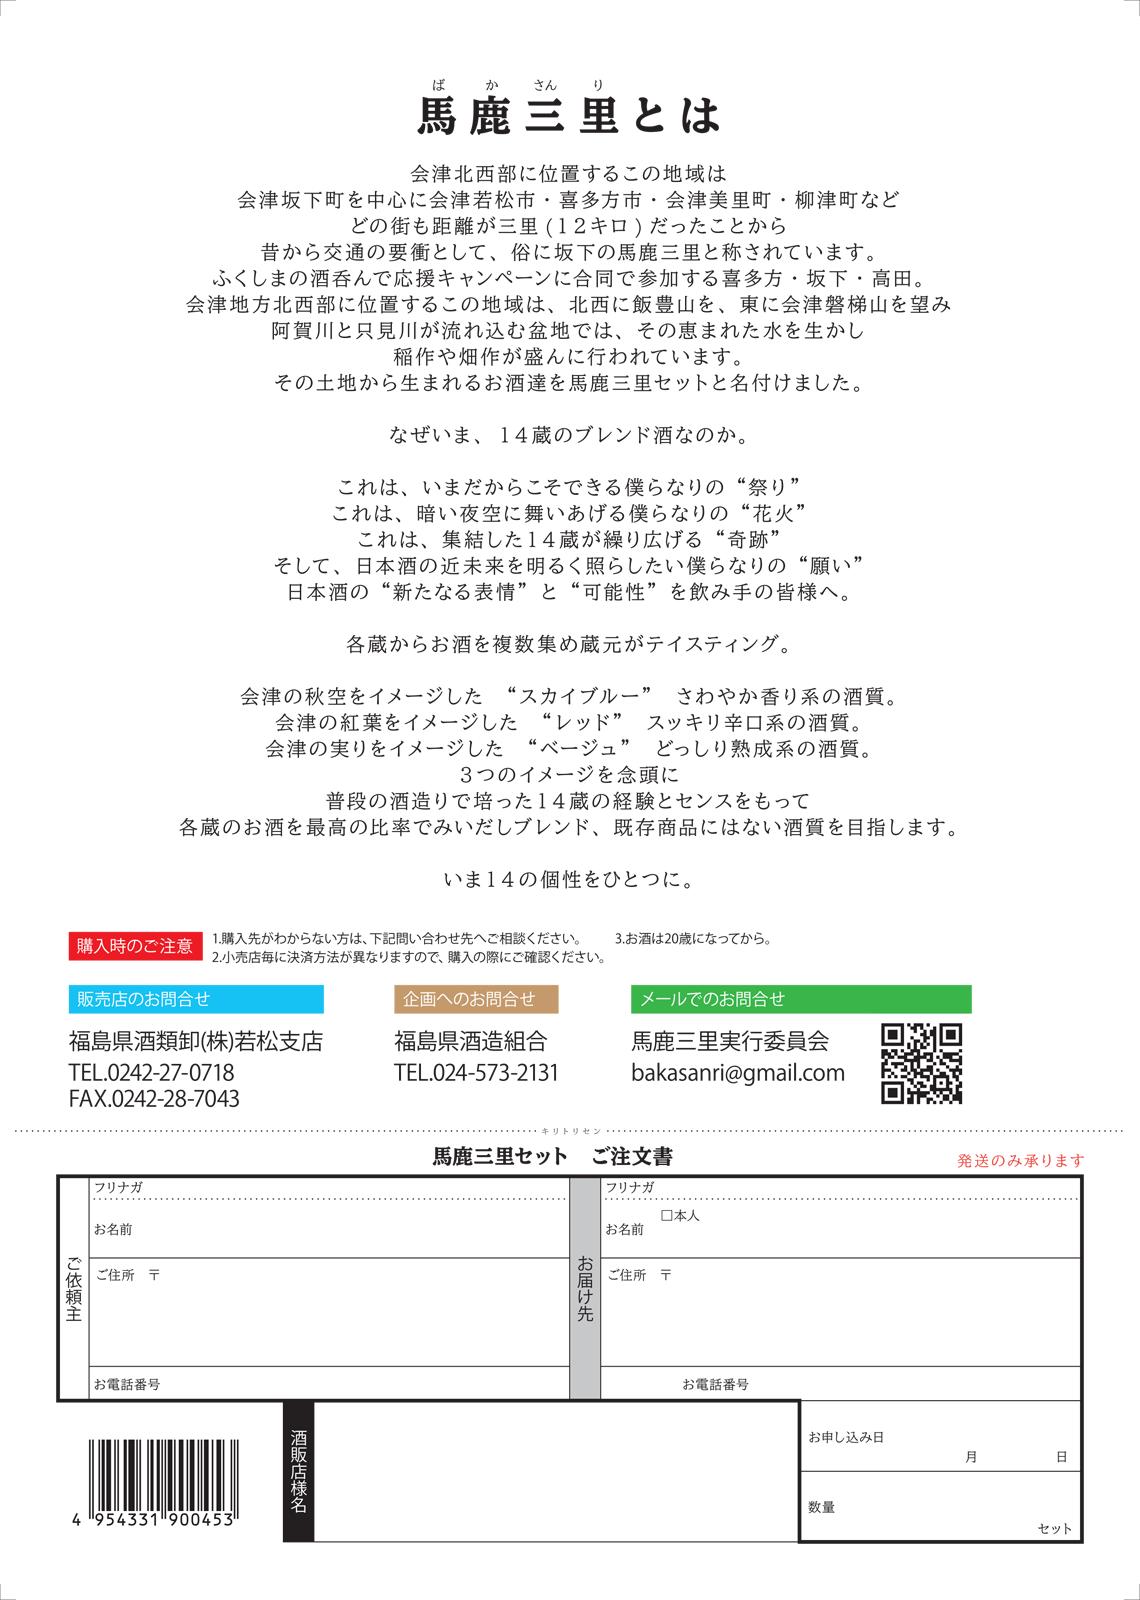 「馬鹿三里セット」送料無料!11月20日〜順次発送(ふくしまの酒呑んで応援キャンぺーン)